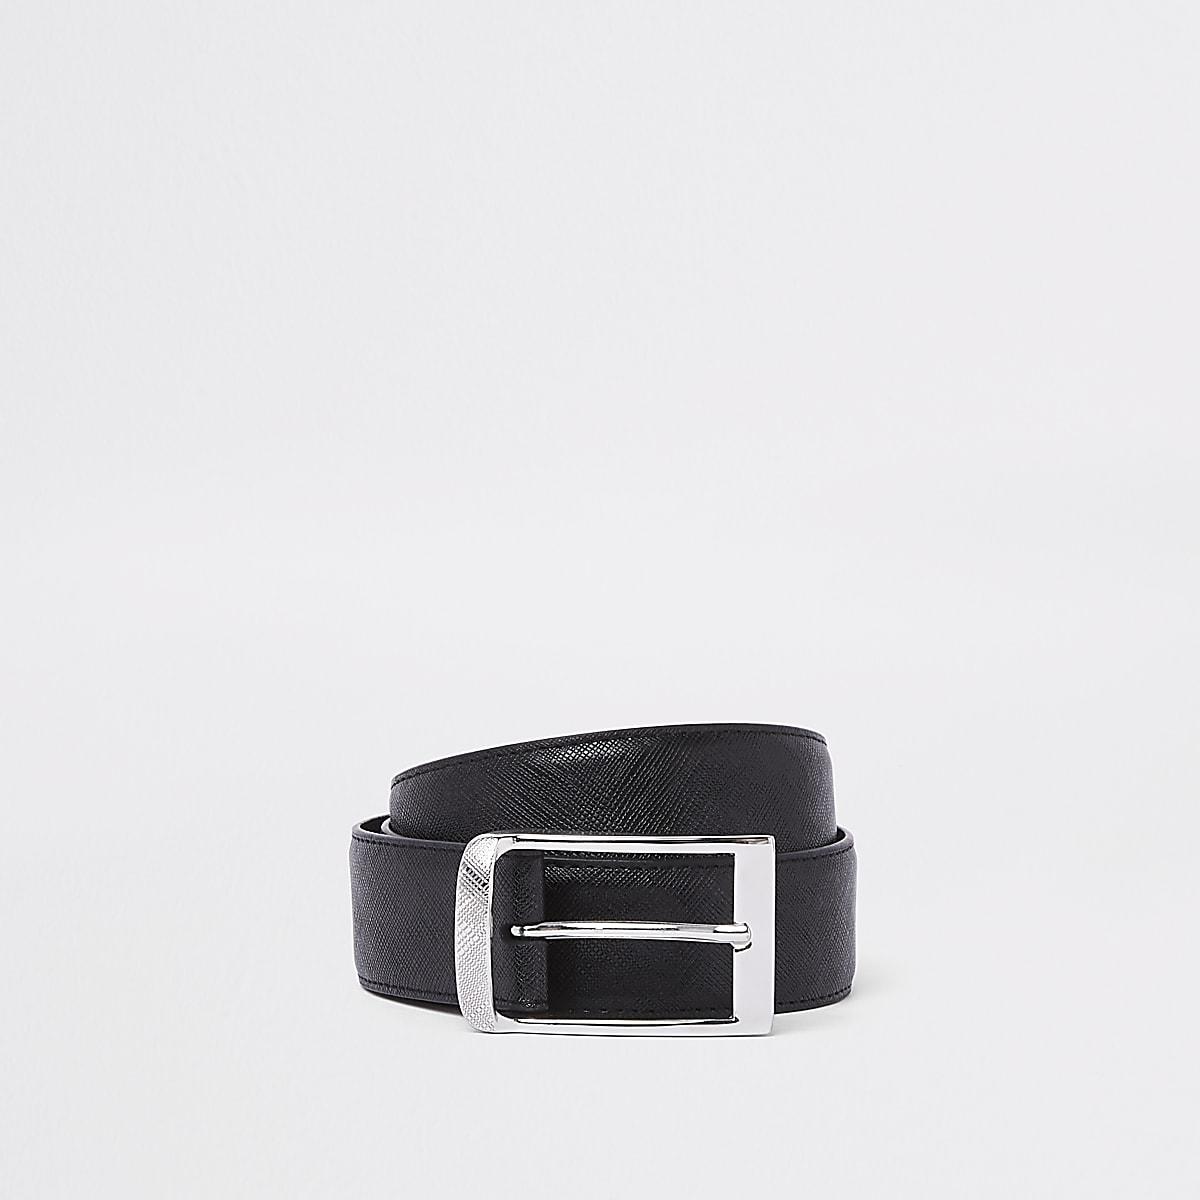 Ceinture noire avec boucle texturée